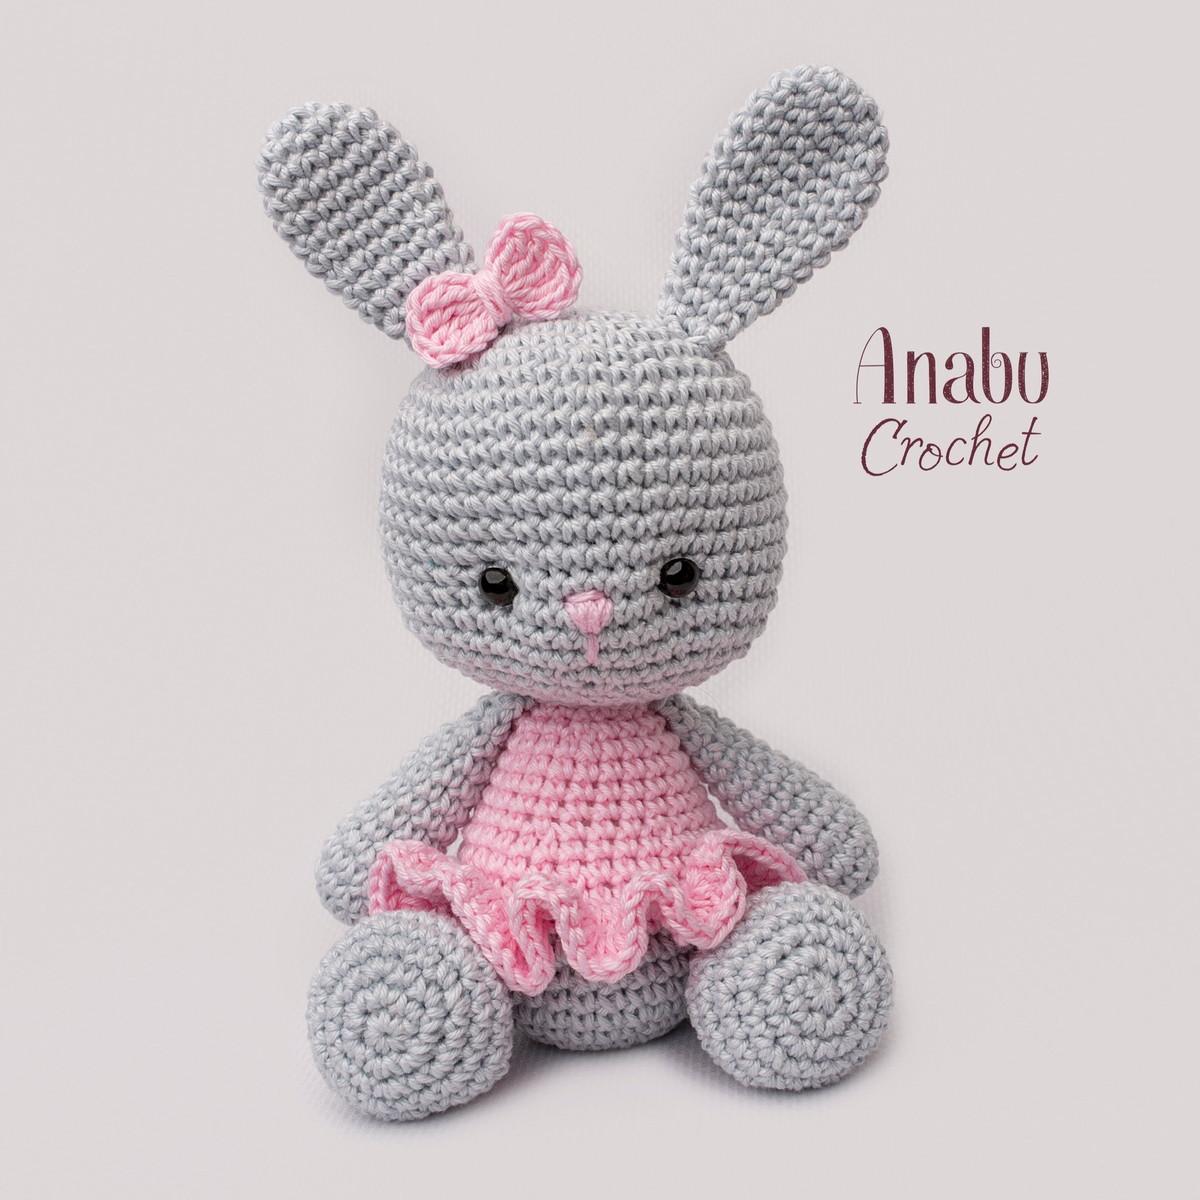 Souvenir Crochet Amigurumi Vestido Baby Shower, Añito - $ 120,00 ... | 1200x1200